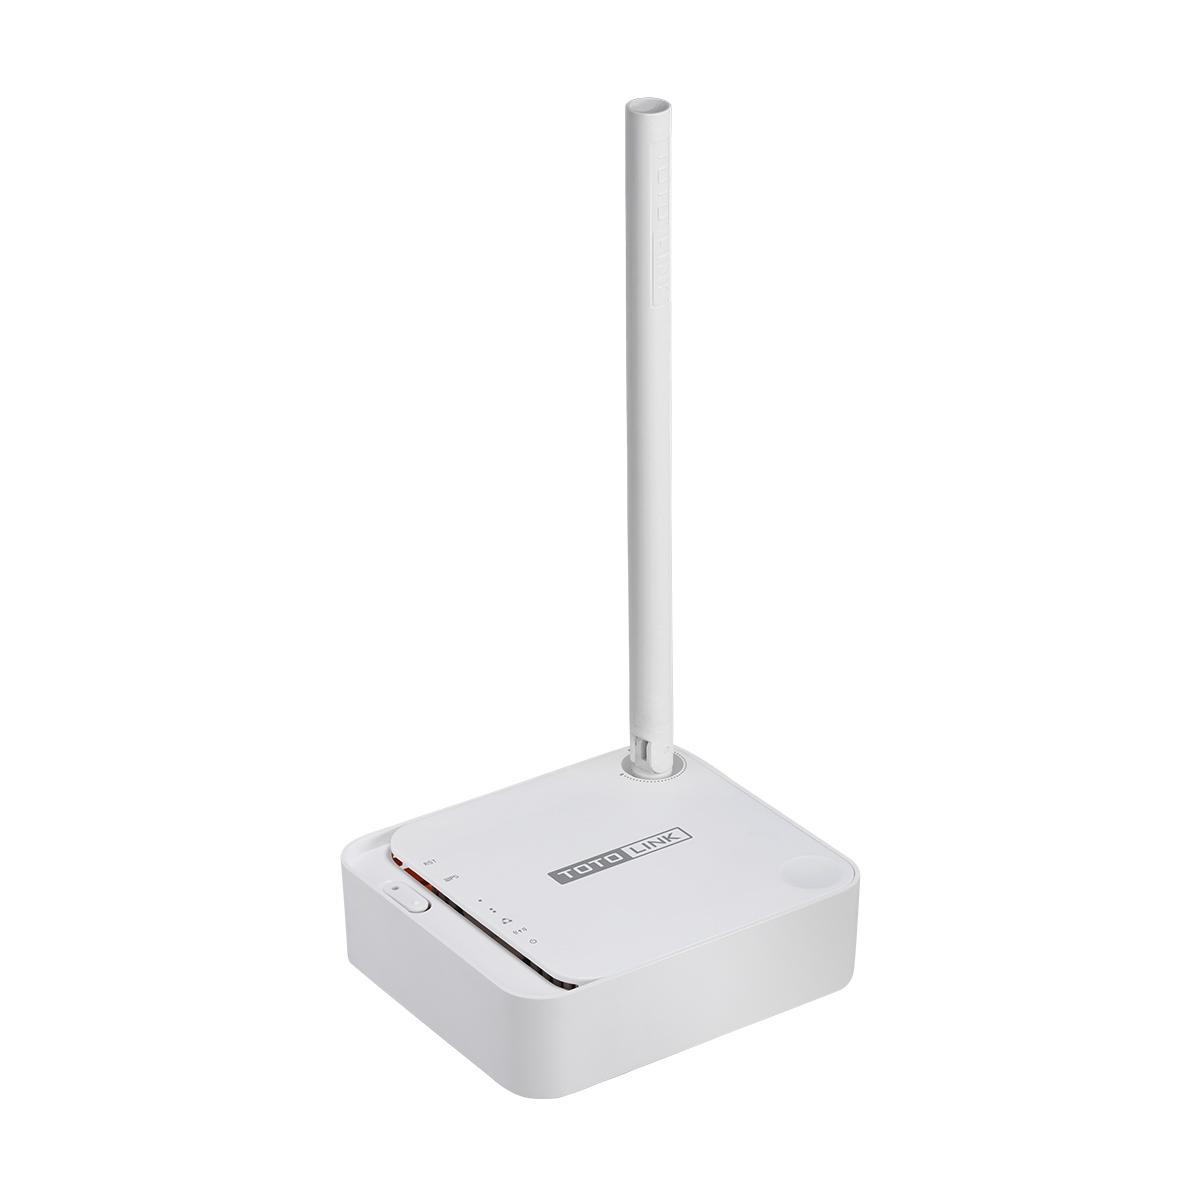 N100RE-V3 routeur sans fil Monobande (2,4 GHz) Fast Ethernet Blanc